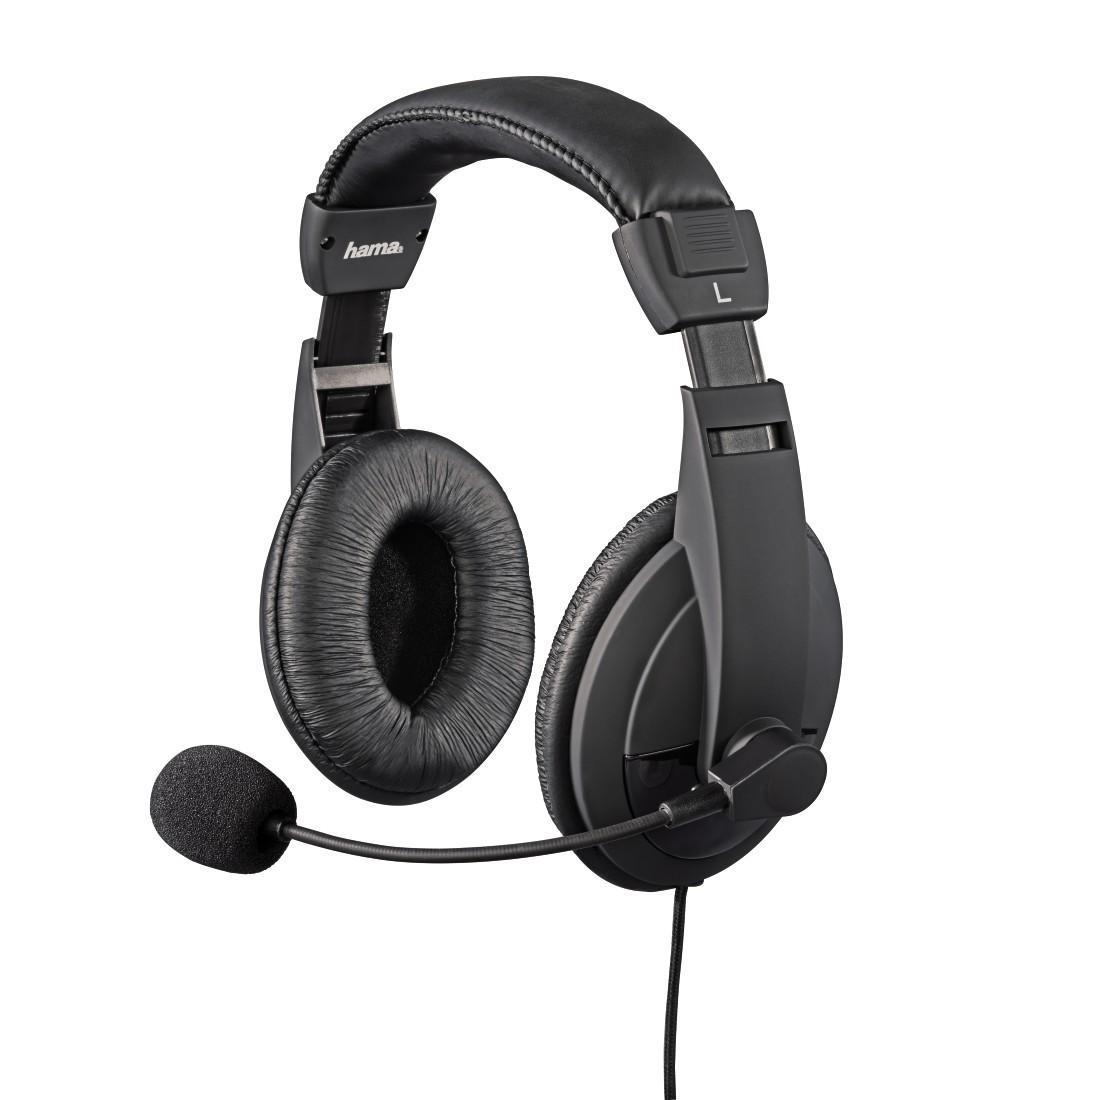 Геймърски слушалки с микрофон HAMA Insomnia Coal 115425, за PS4/SLIM/PRO, Черен